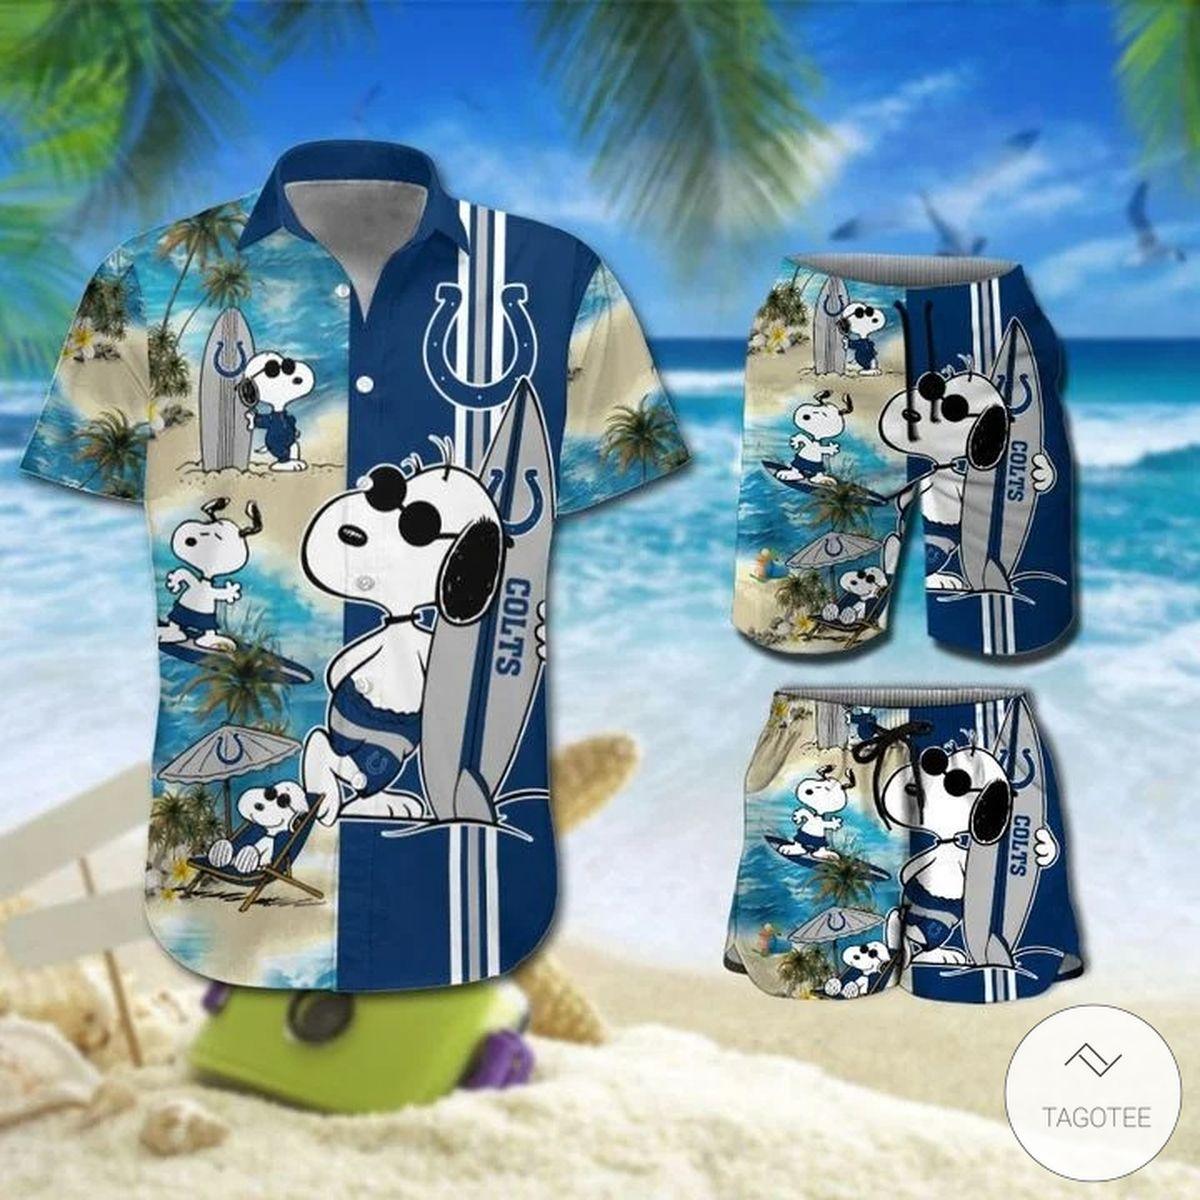 Snoopy And Indianapolis Colts Hawaiian Shirt, Beach Shorts